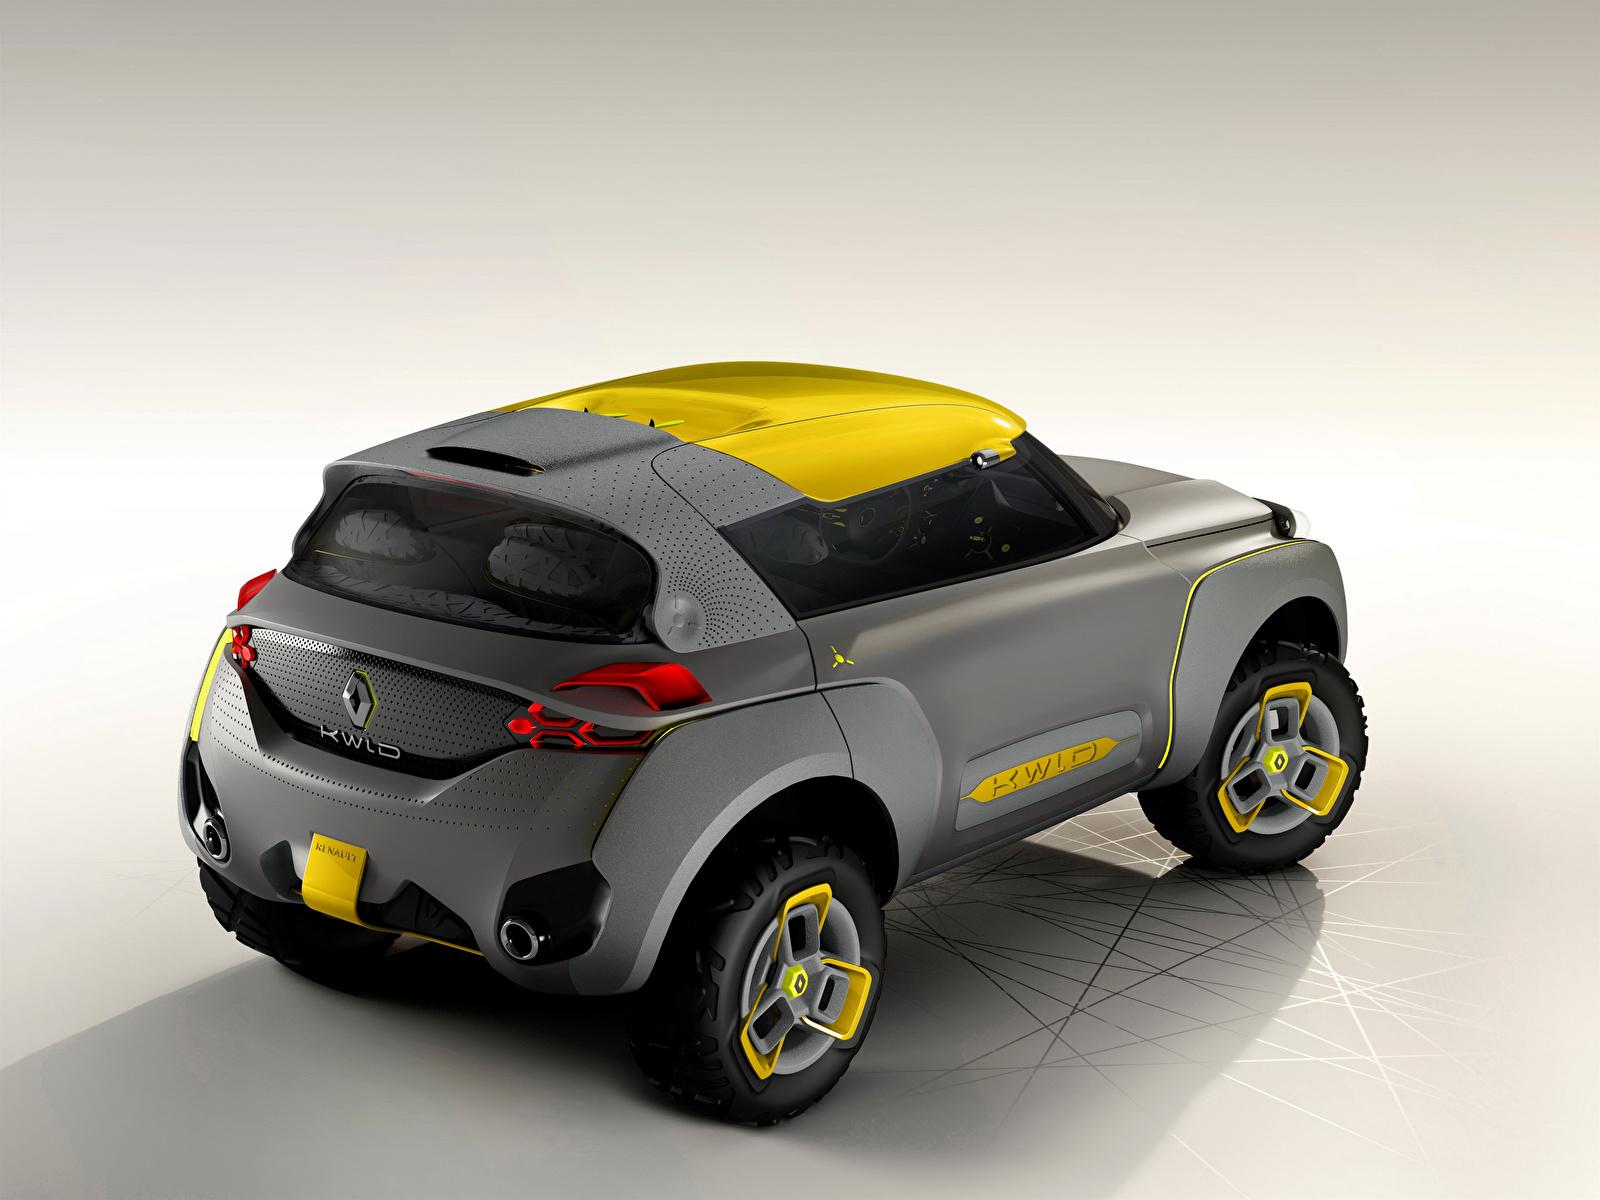 Картинки Renault 2014 Kwid серые Сзади автомобиль 1600x1200 Рено Серый серая авто машина машины вид сзади Автомобили